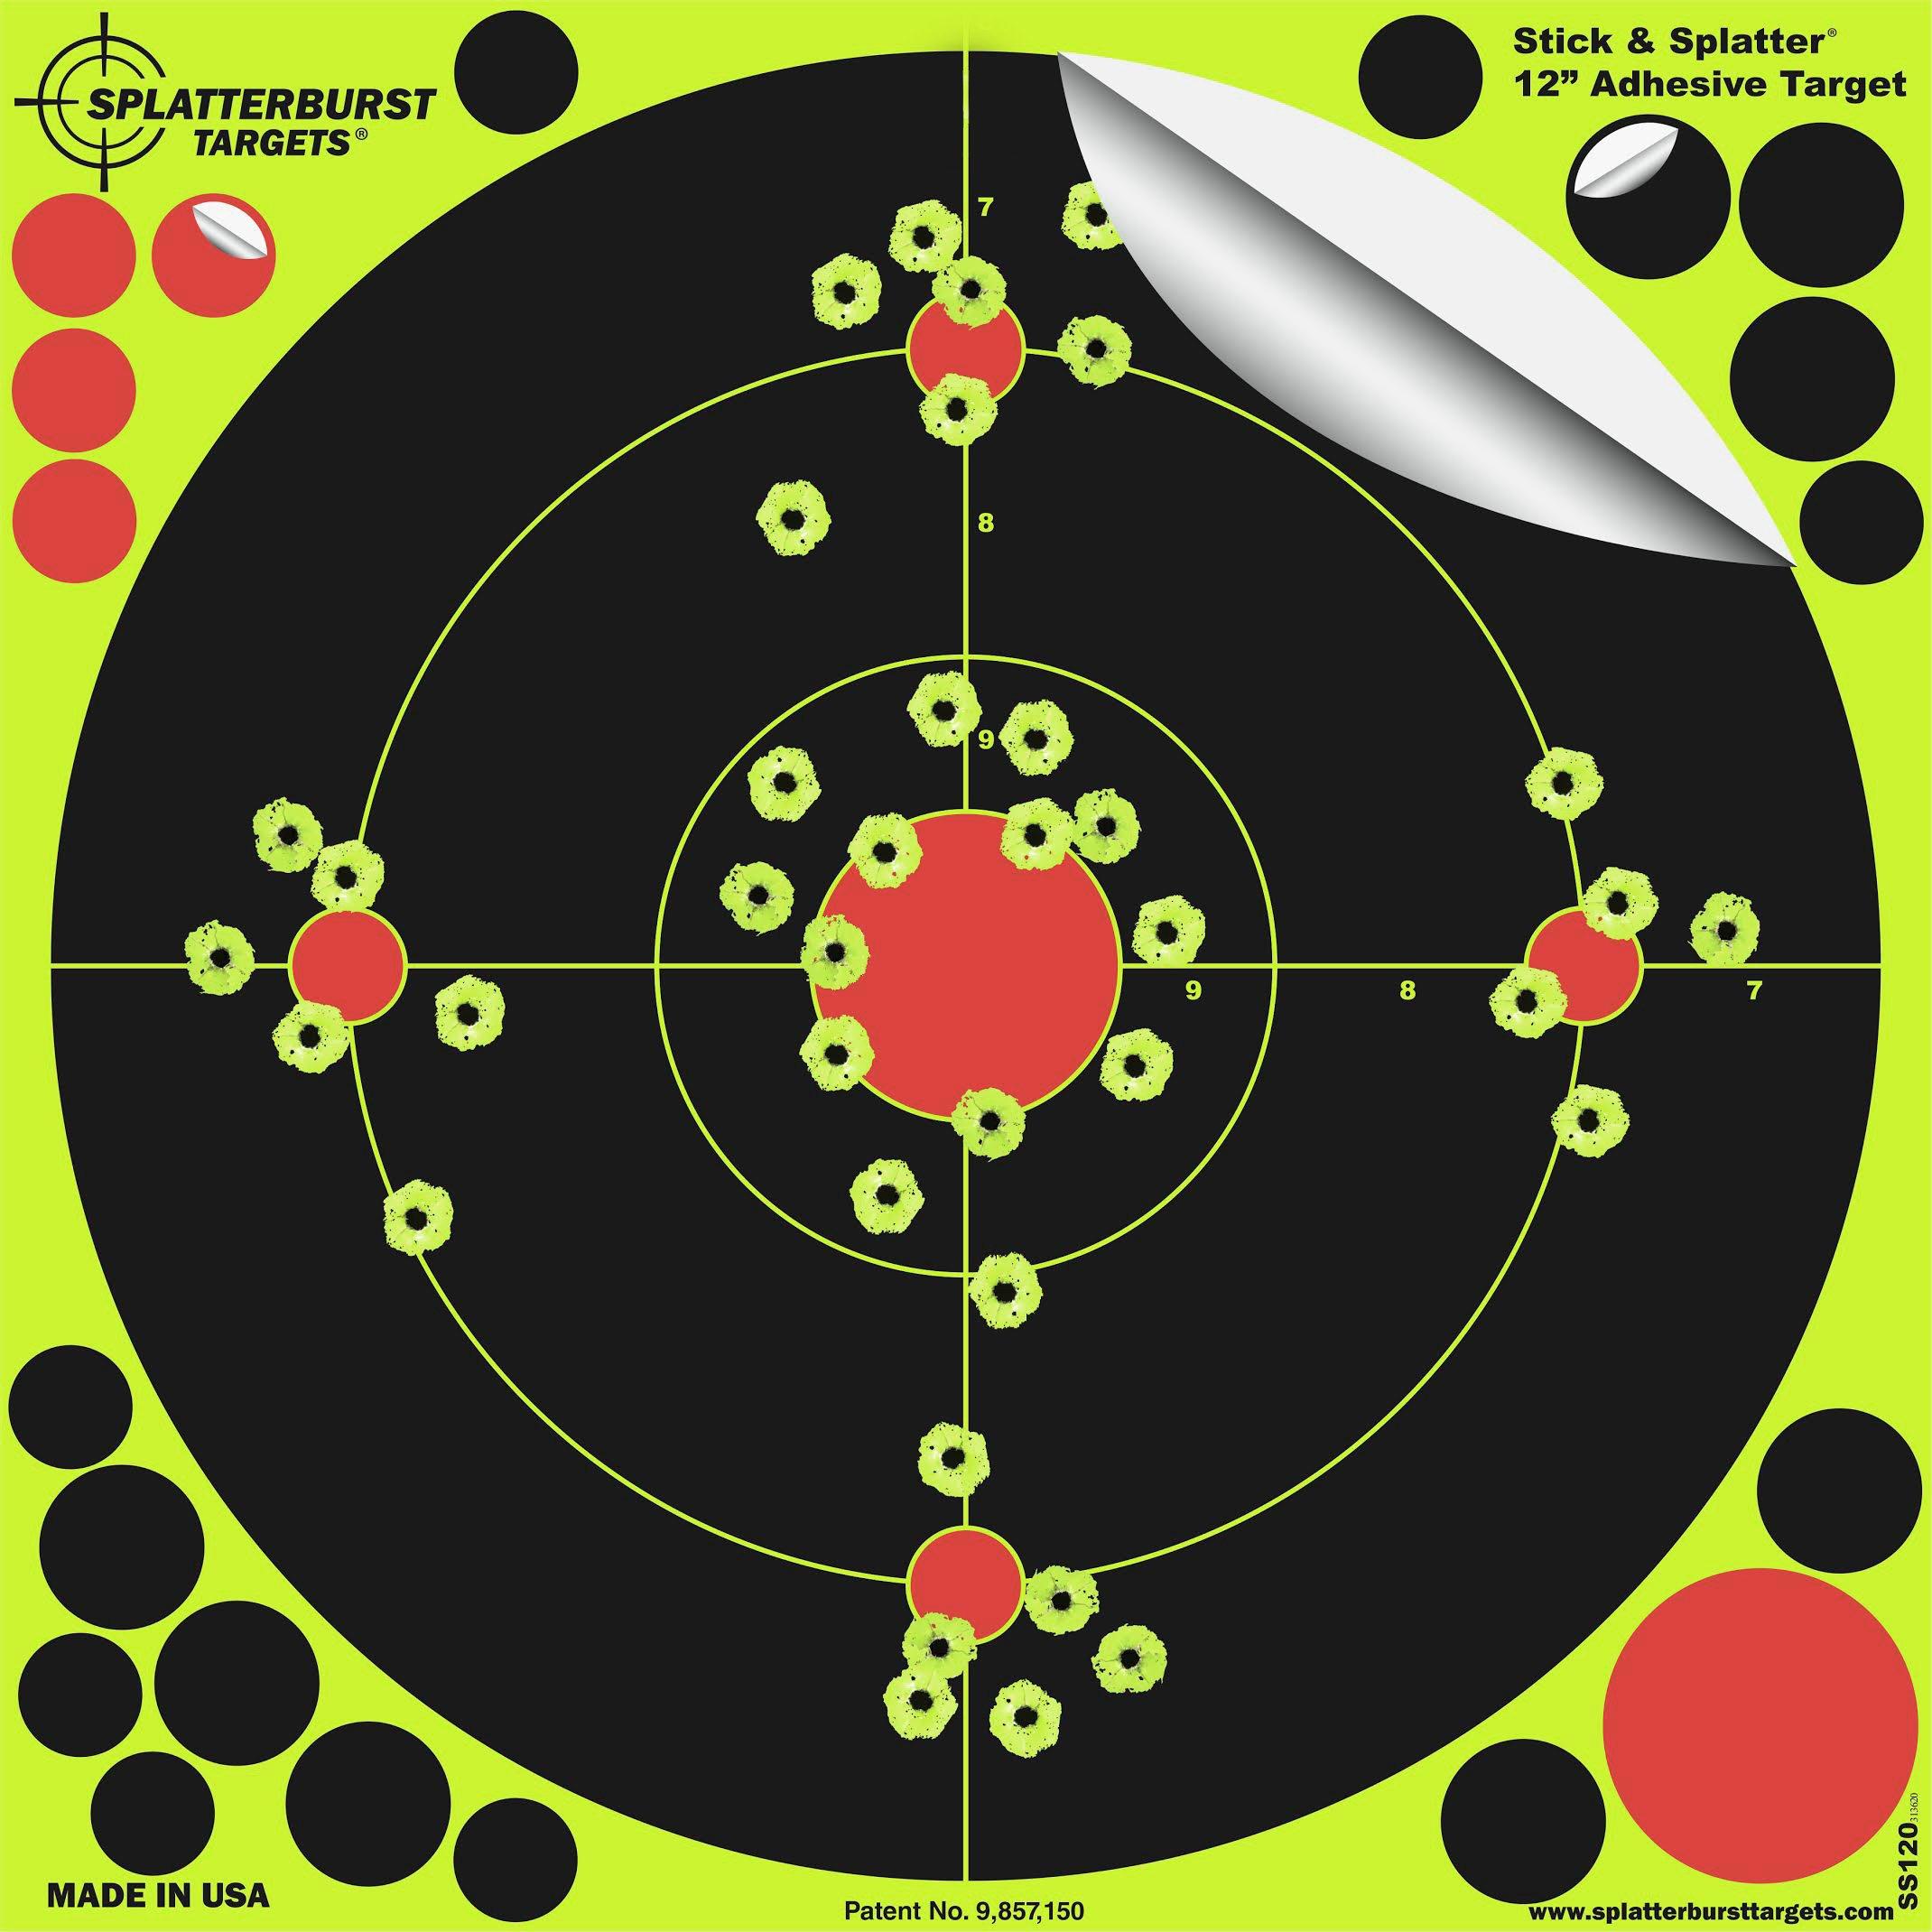 3986ddff9bd Splatterburst Targets -12 inch Stick   Splatter Reactive Self Adhesive  Shooting Targets - Gun -